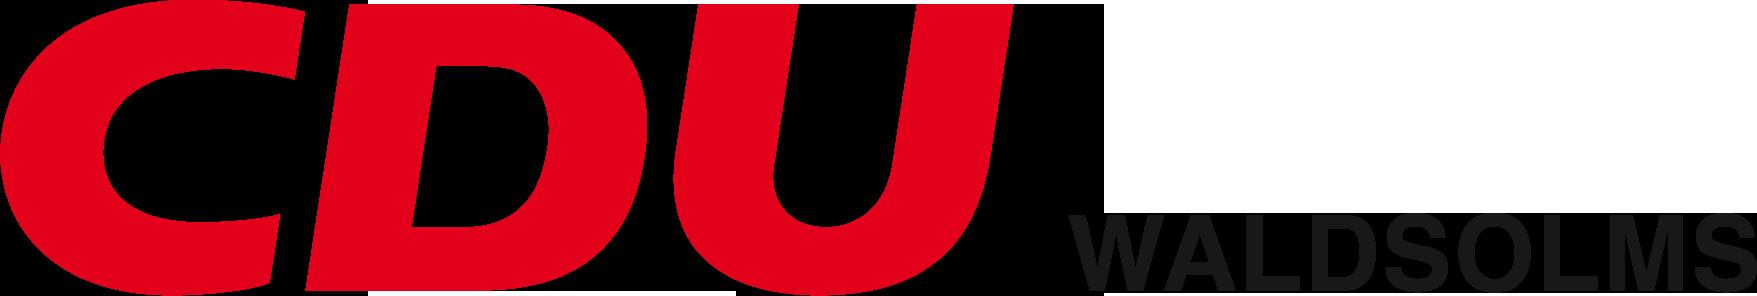 CDU Waldsolms Logo